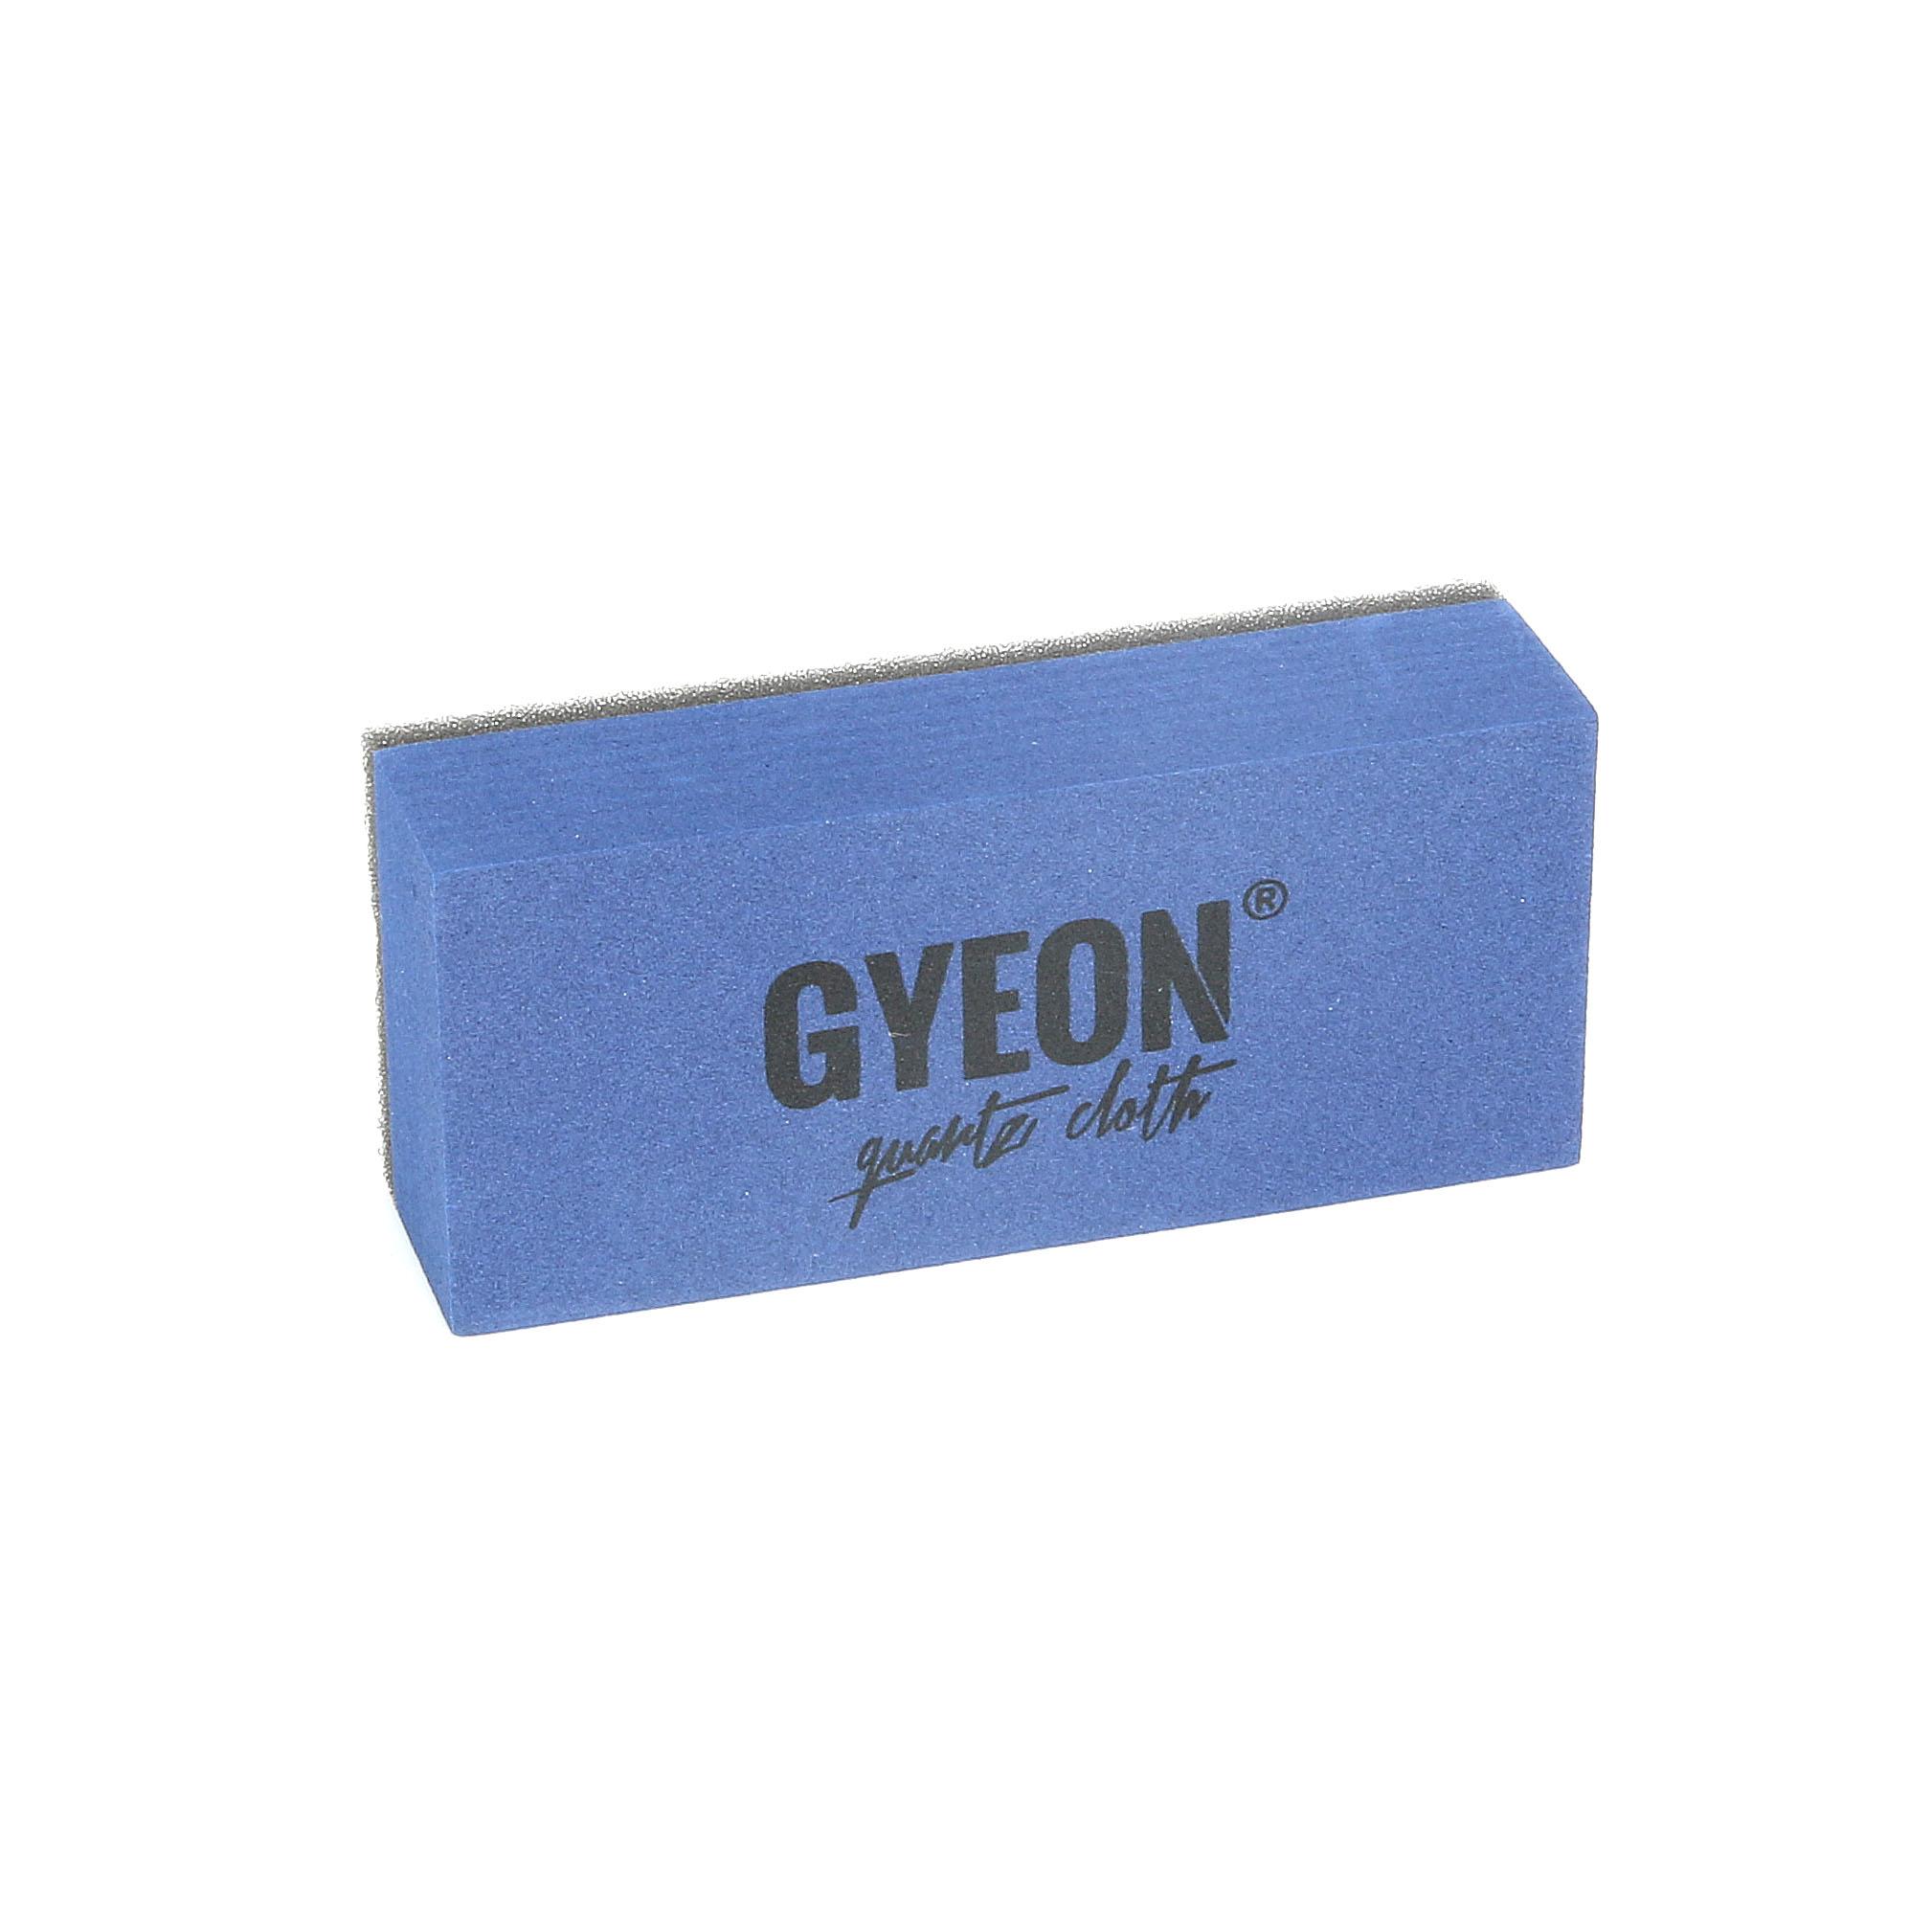 Appliceringssvamp Gyeon Q²M Applicator, Appliceringssvamp